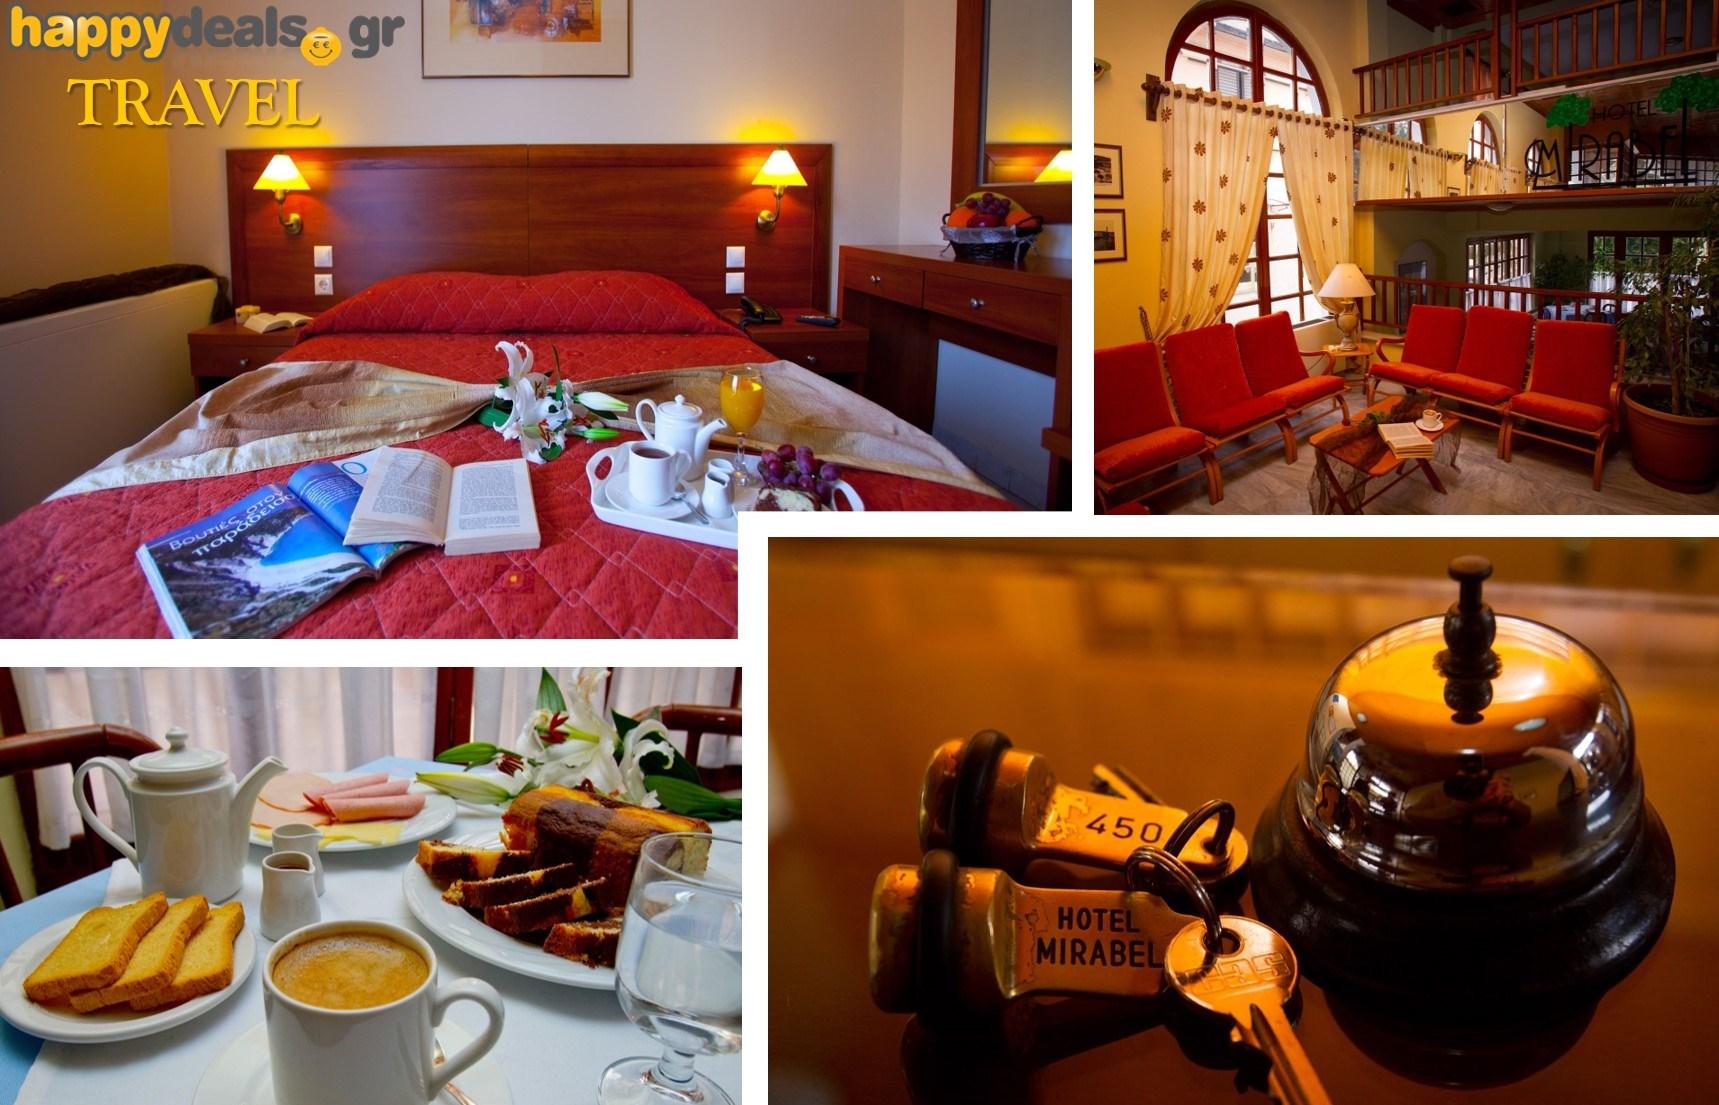 Διακοπές στην ΚΕΦΑΛΟΝΙΑ: Από 90€ για 5ήμερη απόδραση, με Πρωινό, στο κεντρικό ''Mirabel Hotel'' στο Αργοστόλι εικόνα